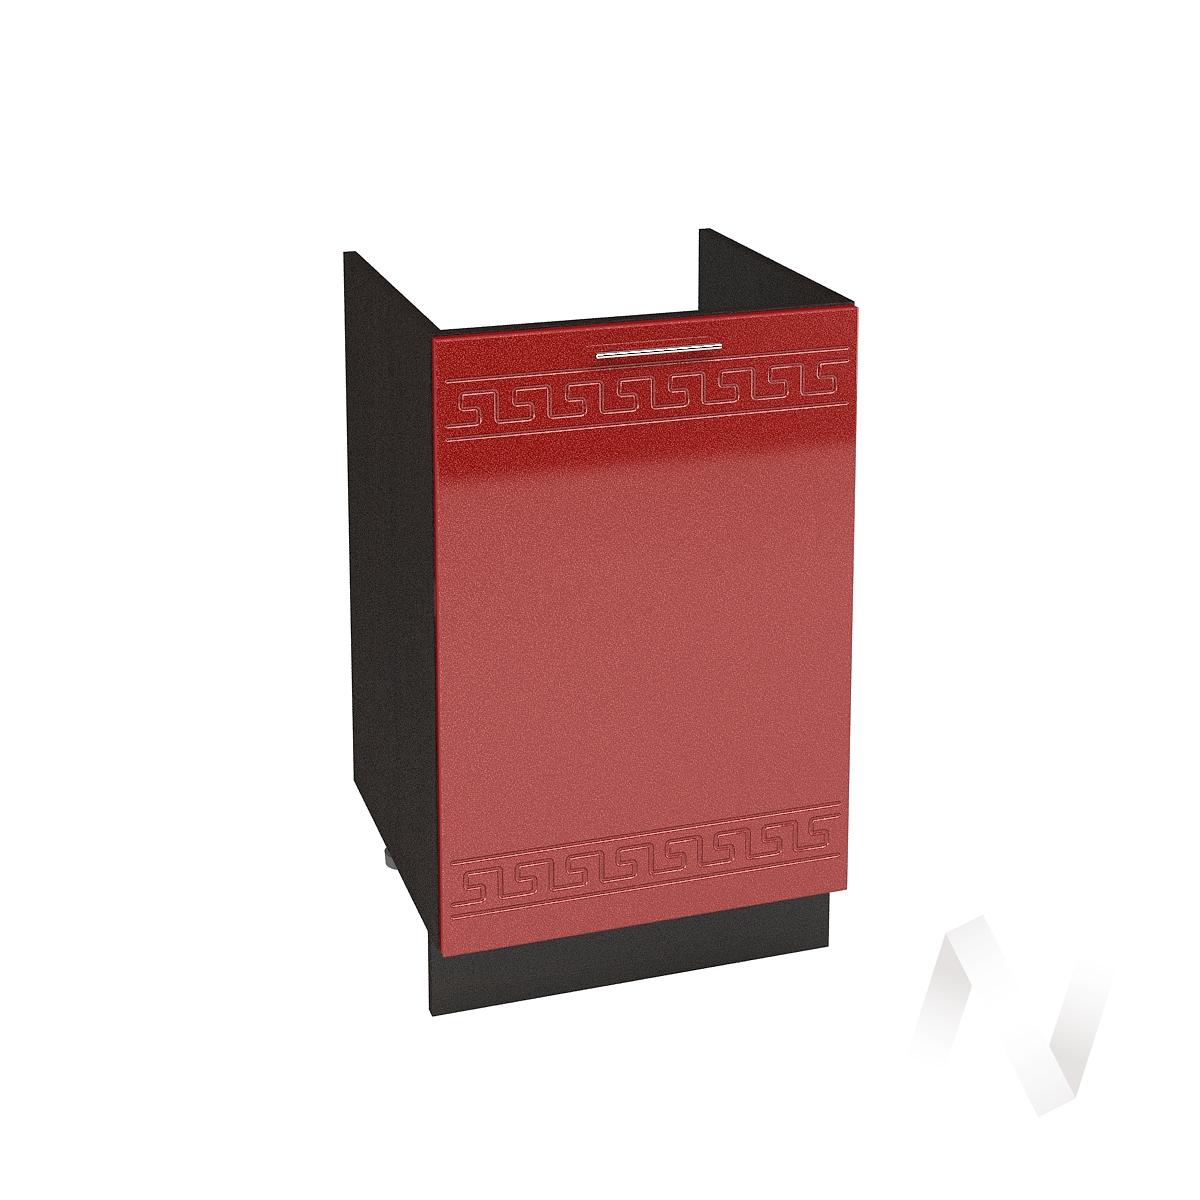 """Кухня """"Греция"""": Шкаф нижний под мойку 500, ШНМ 500 (гранатовый металлик/корпус венге)"""